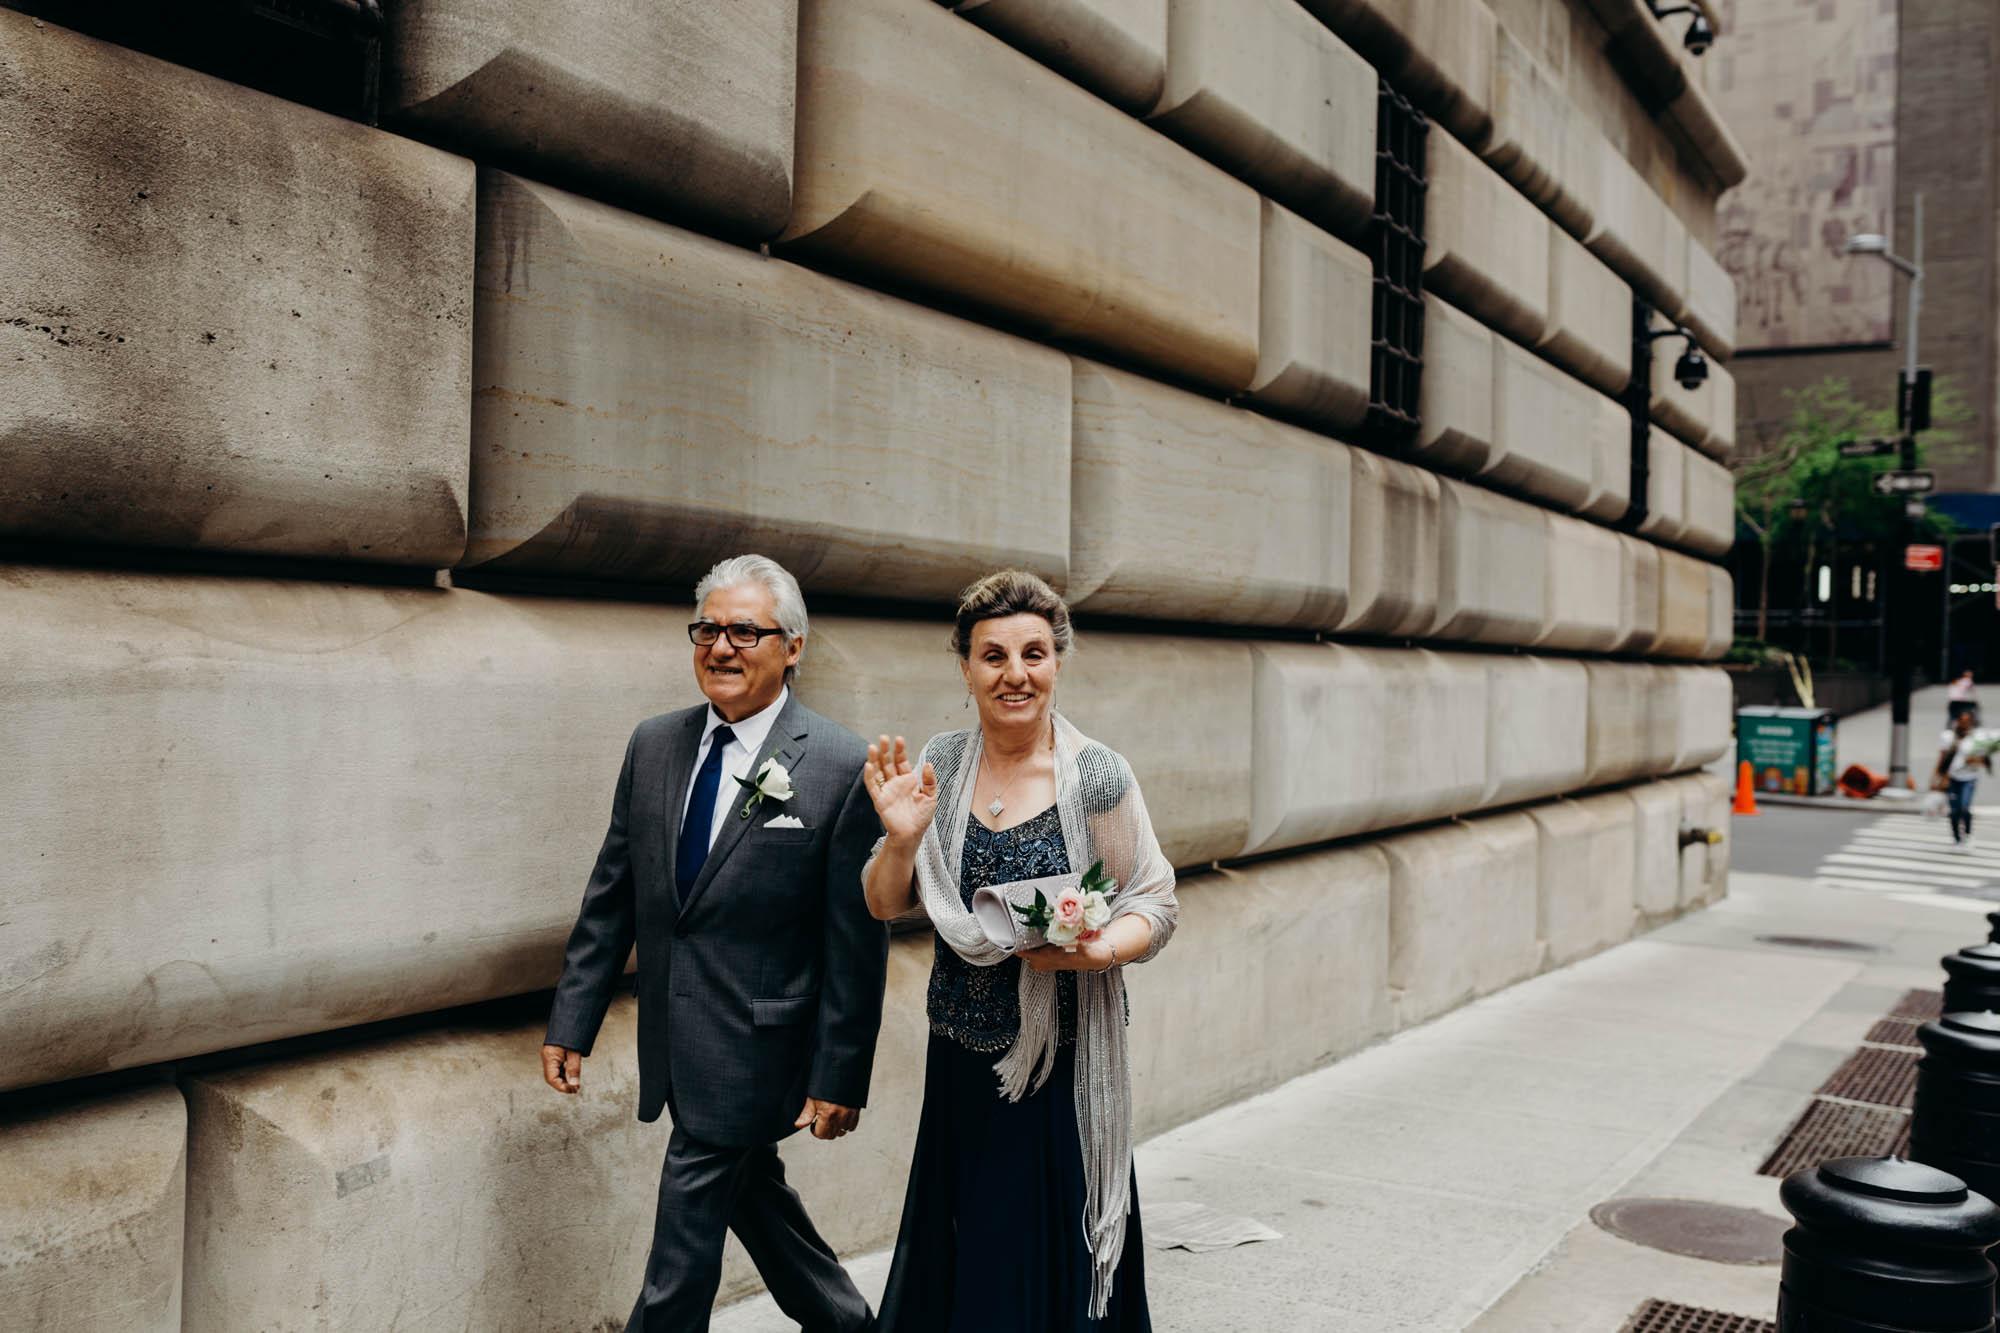 new-york-city-battery-gardens-restaurant-wedding-elizabethtsungphoto-29.jpg